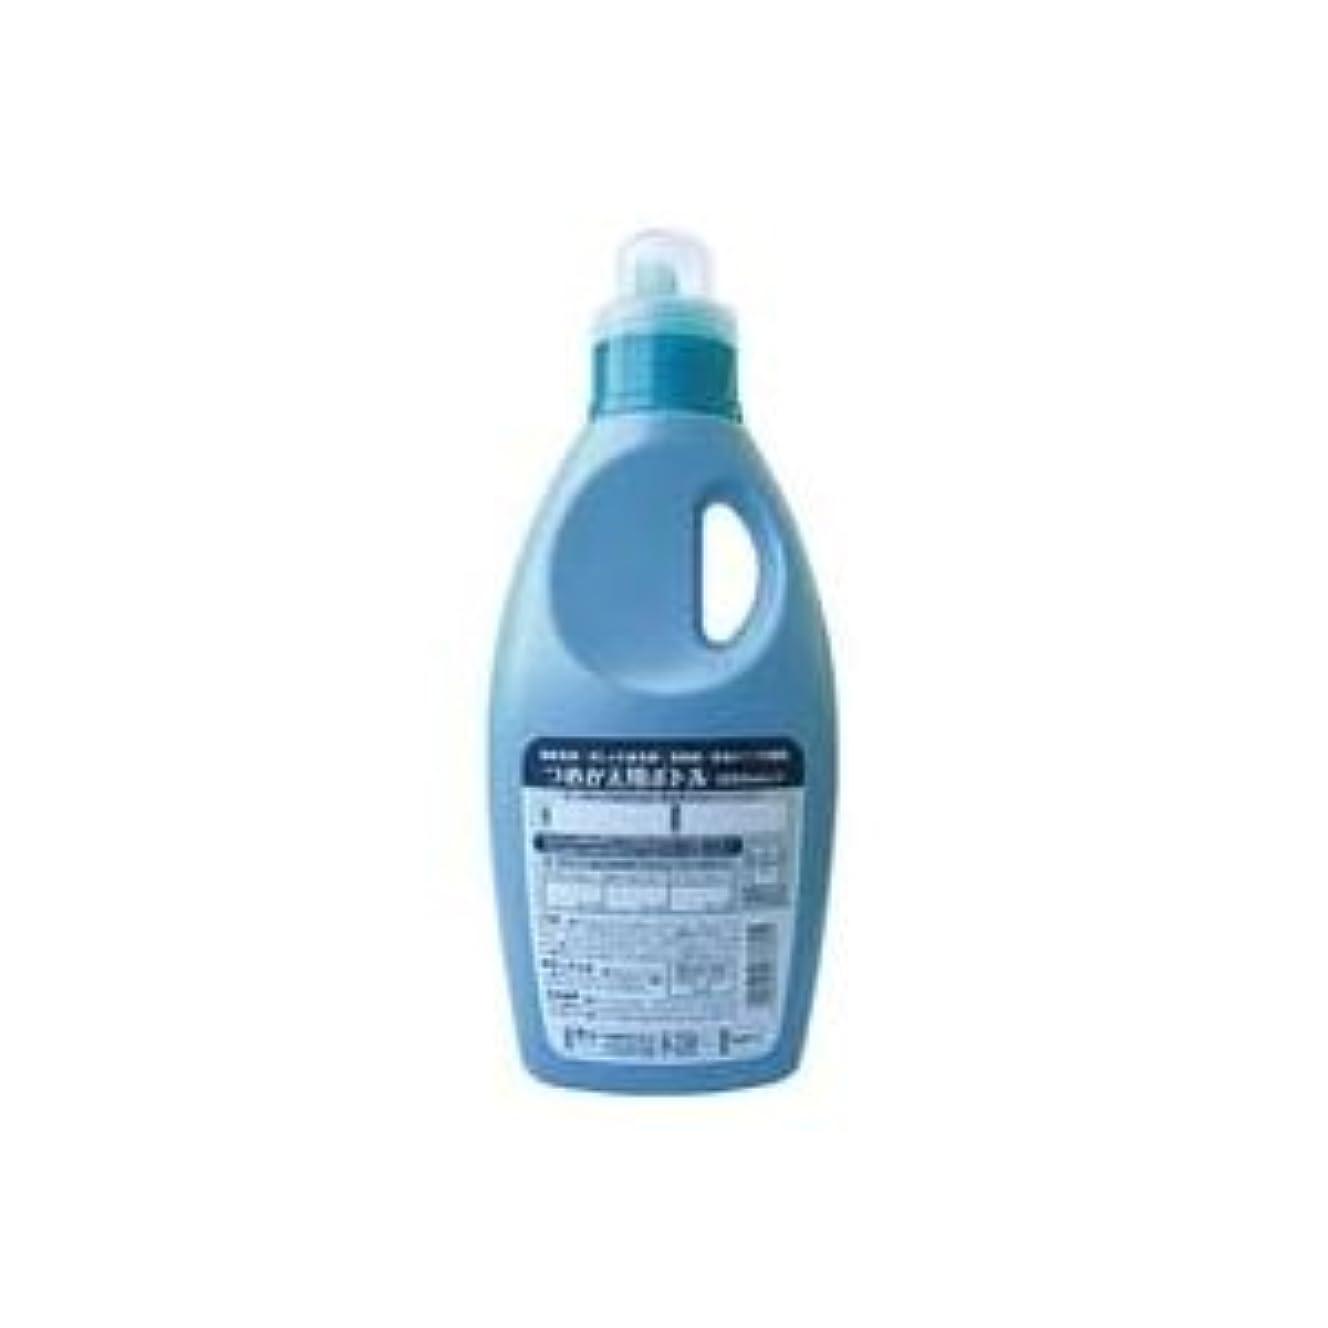 耳周波数リベラル(業務用20セット)第一石鹸 液体洗剤用空ボトル800ml